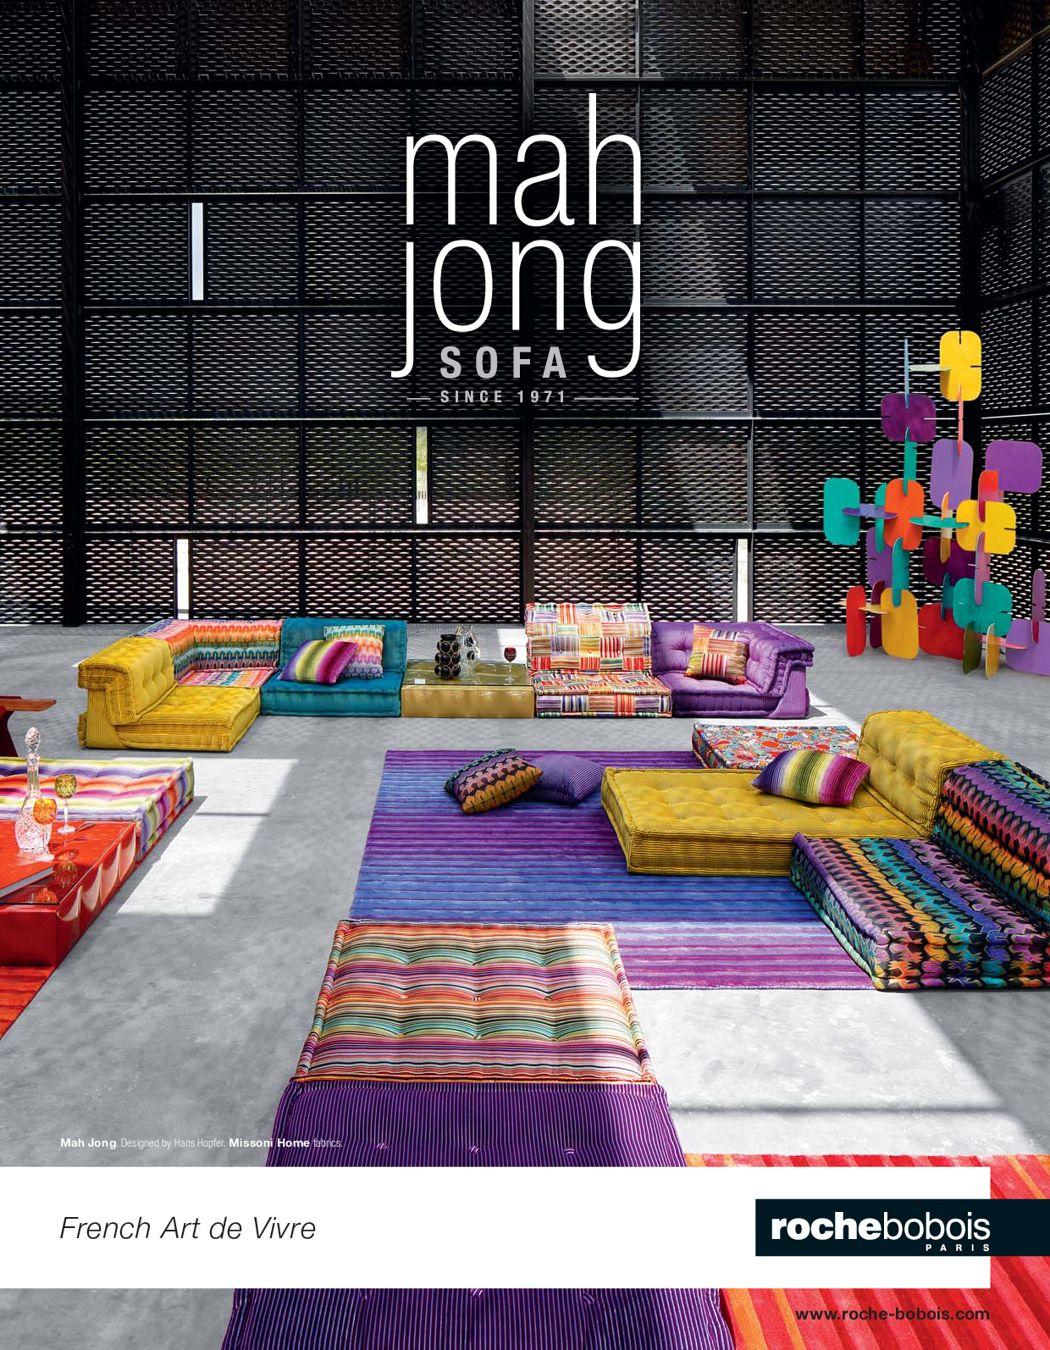 Roche bobois brochure mah jong 2016 en huis mah jong sofa living room sofa home decor - Muebles martin catalogo ...